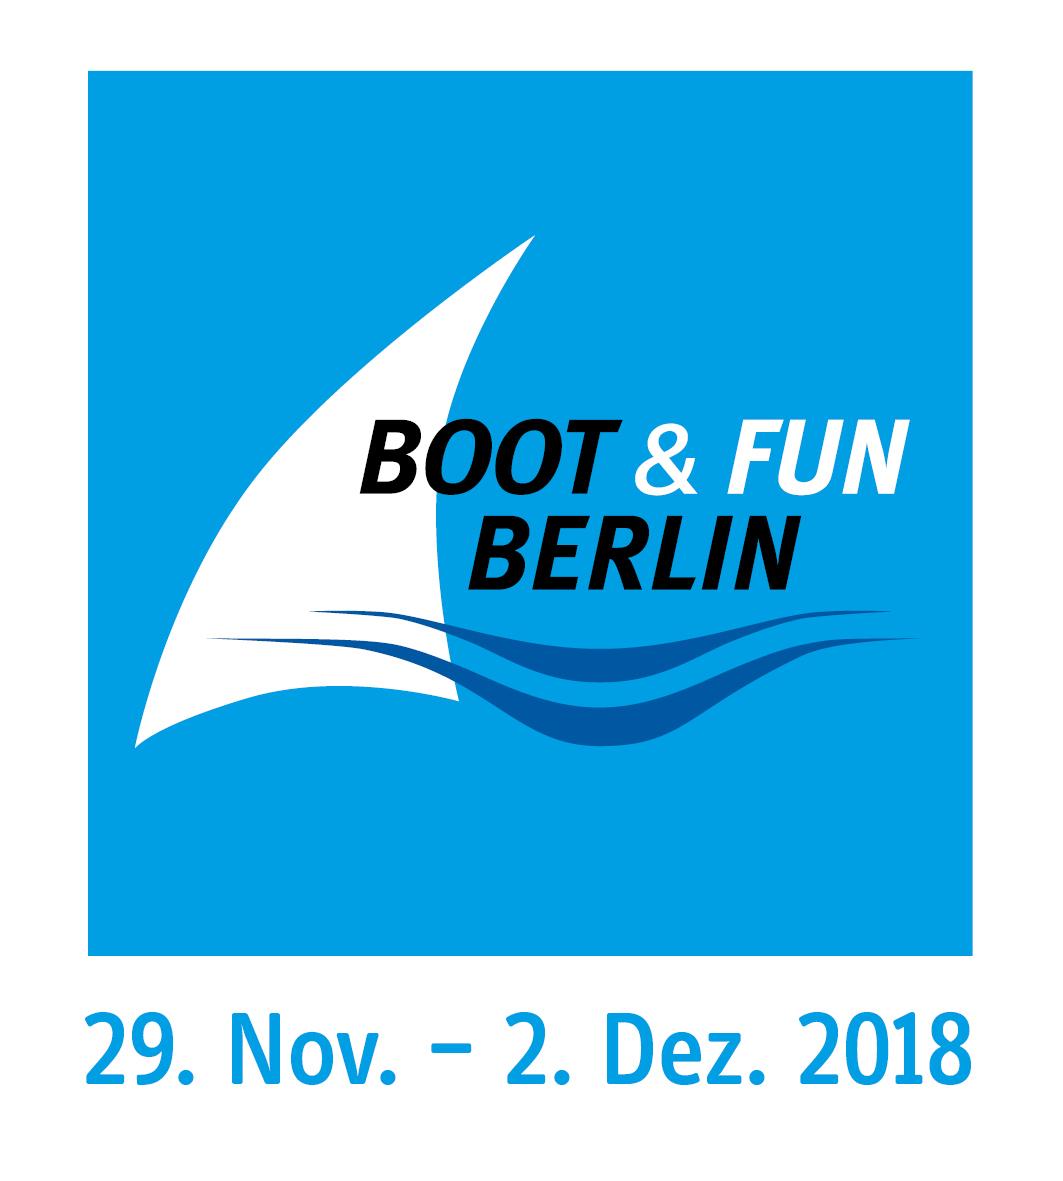 Boot & Fun Berlin 2018